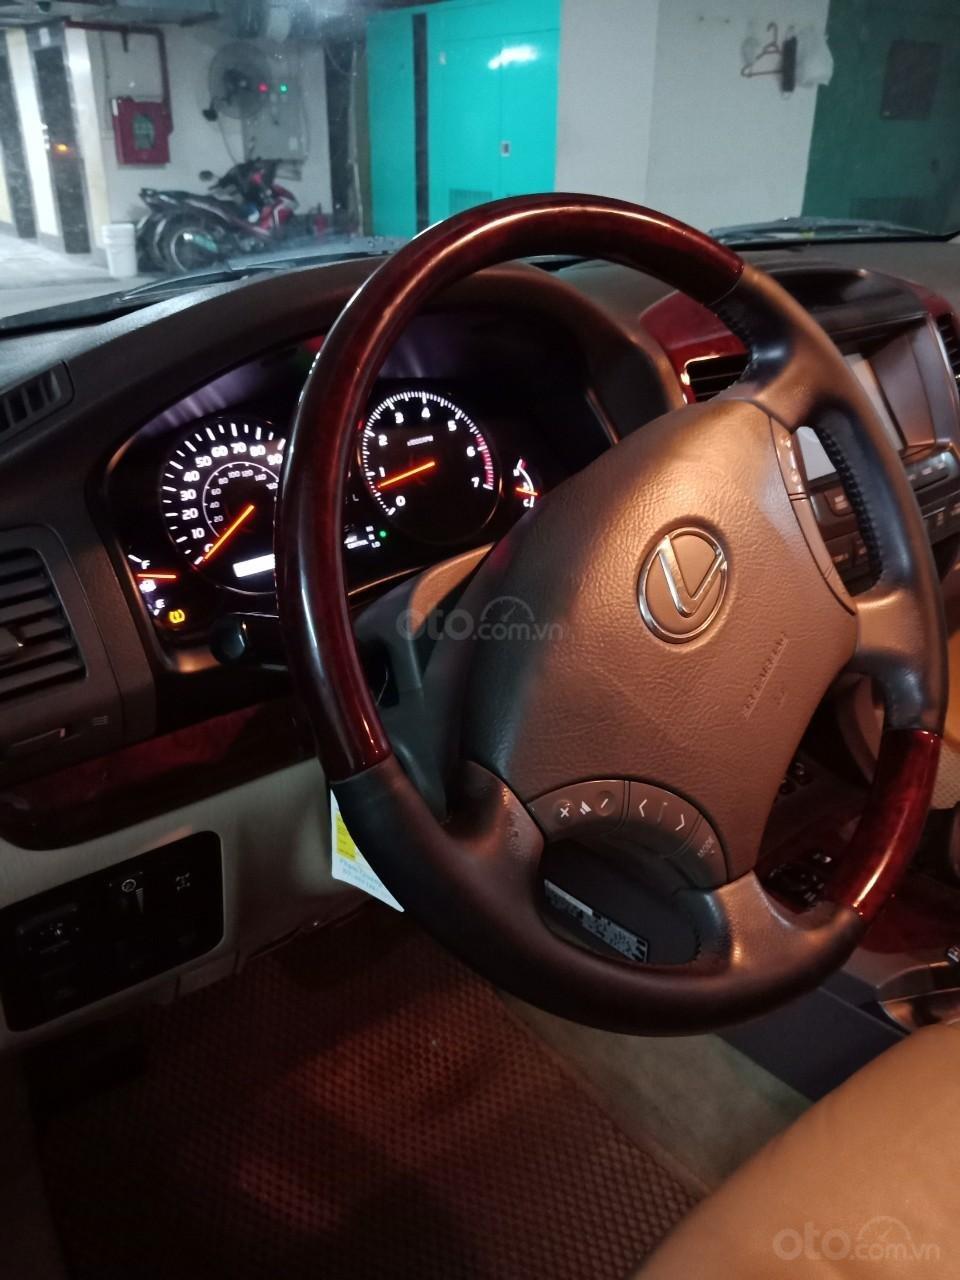 Cần bán Lexus GX 470 đời 2007, màu vàng cát, nhập Mỹ (7)